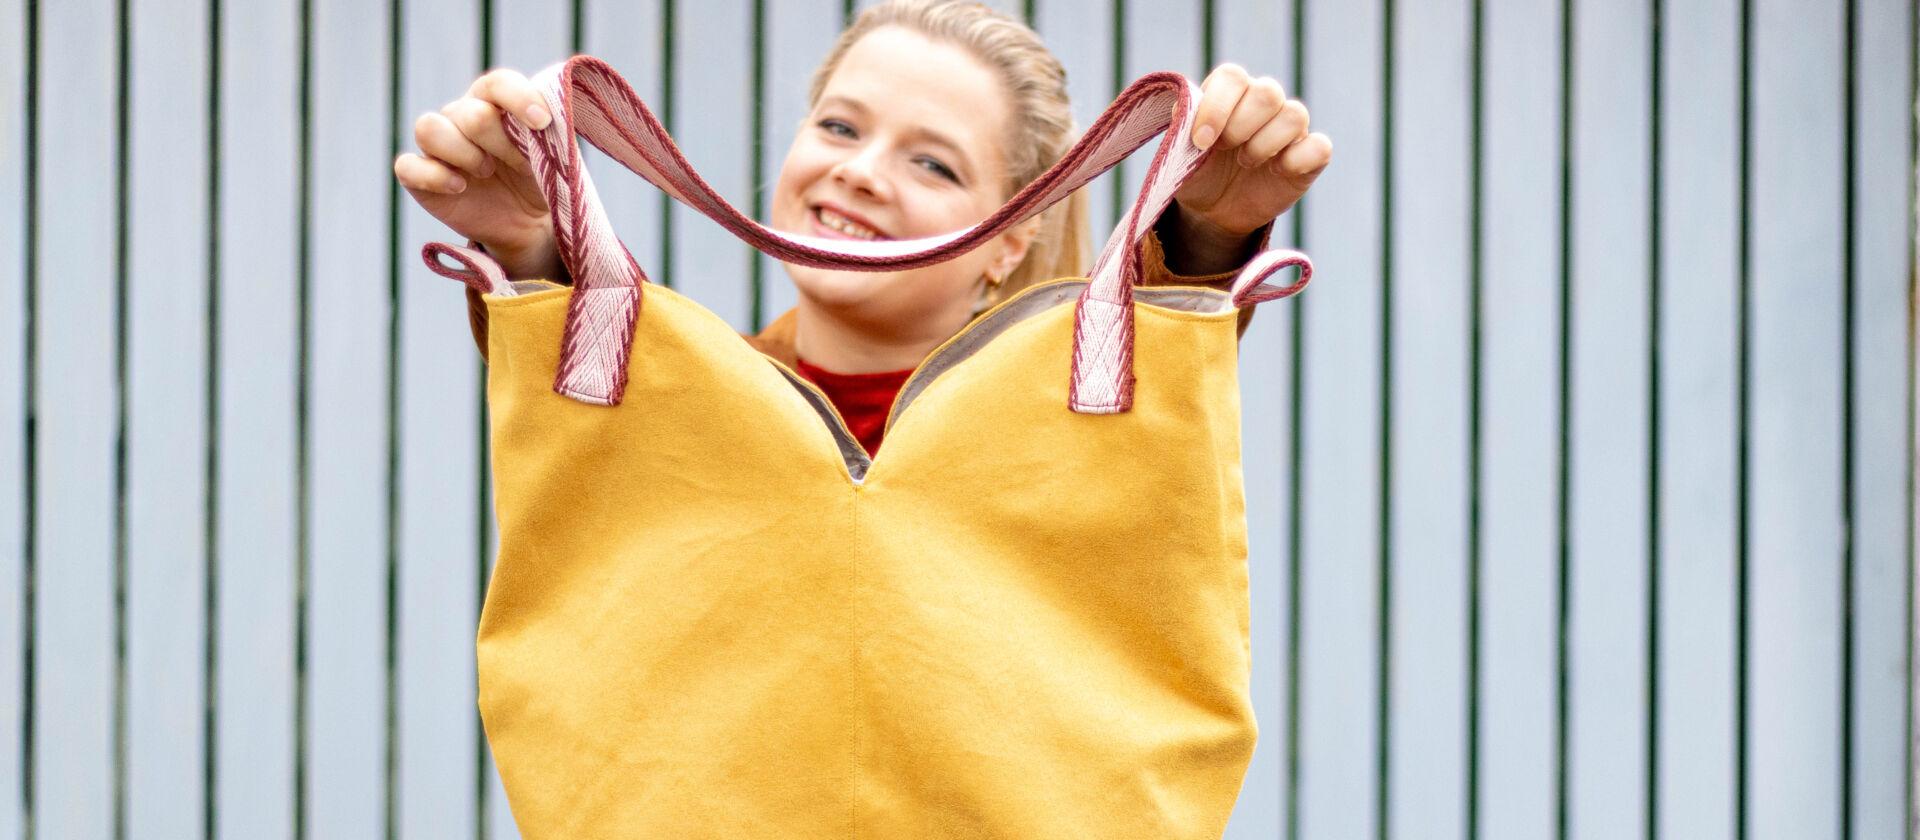 Anzeige: Elisabel Shopper nähen – Anleitung kostenlos